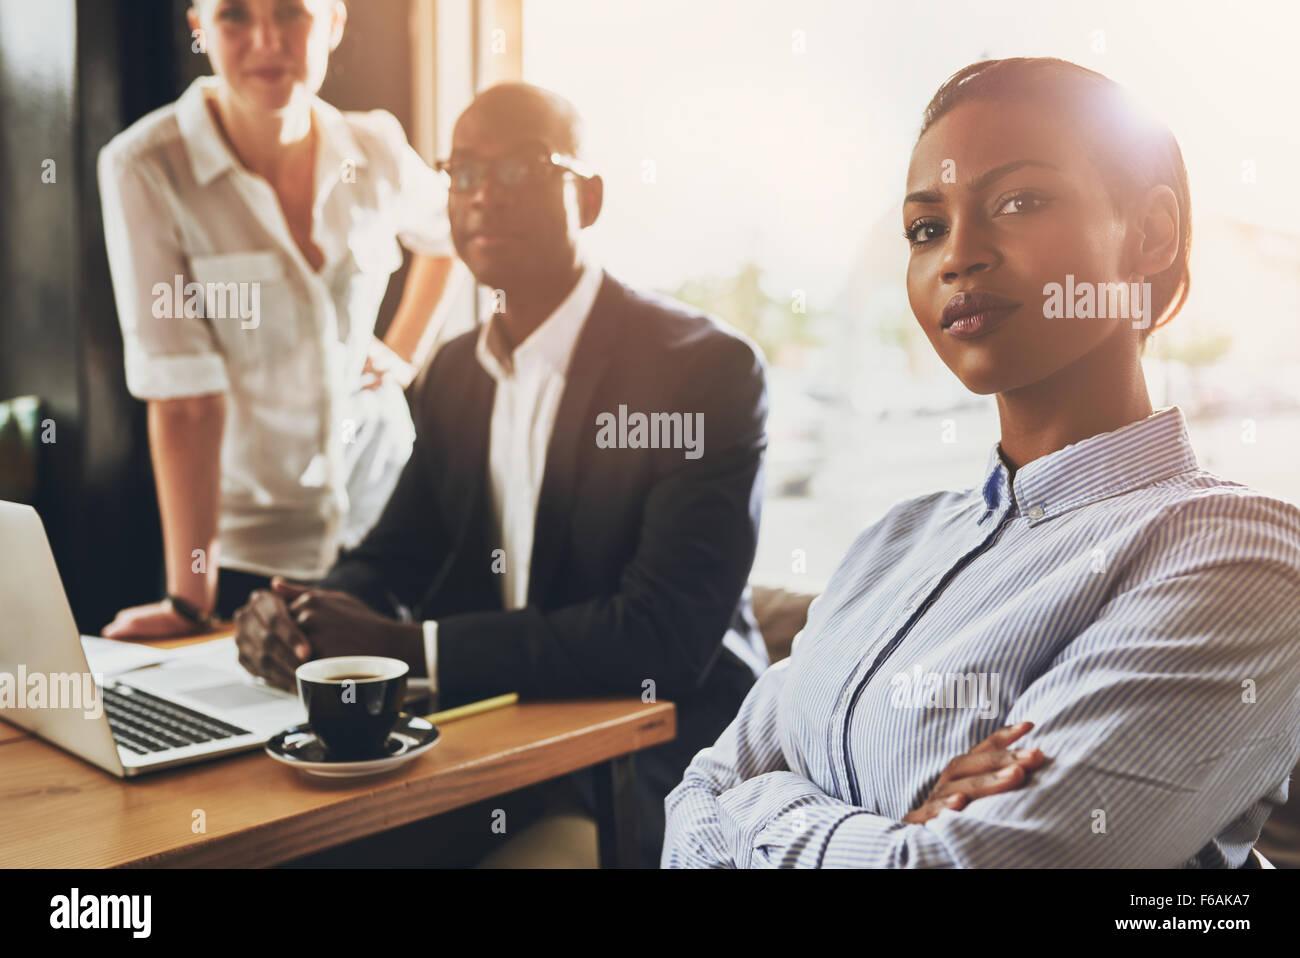 Seguro joven negro mujer de negocios sentada en frente de otras personas de negocios Imagen De Stock